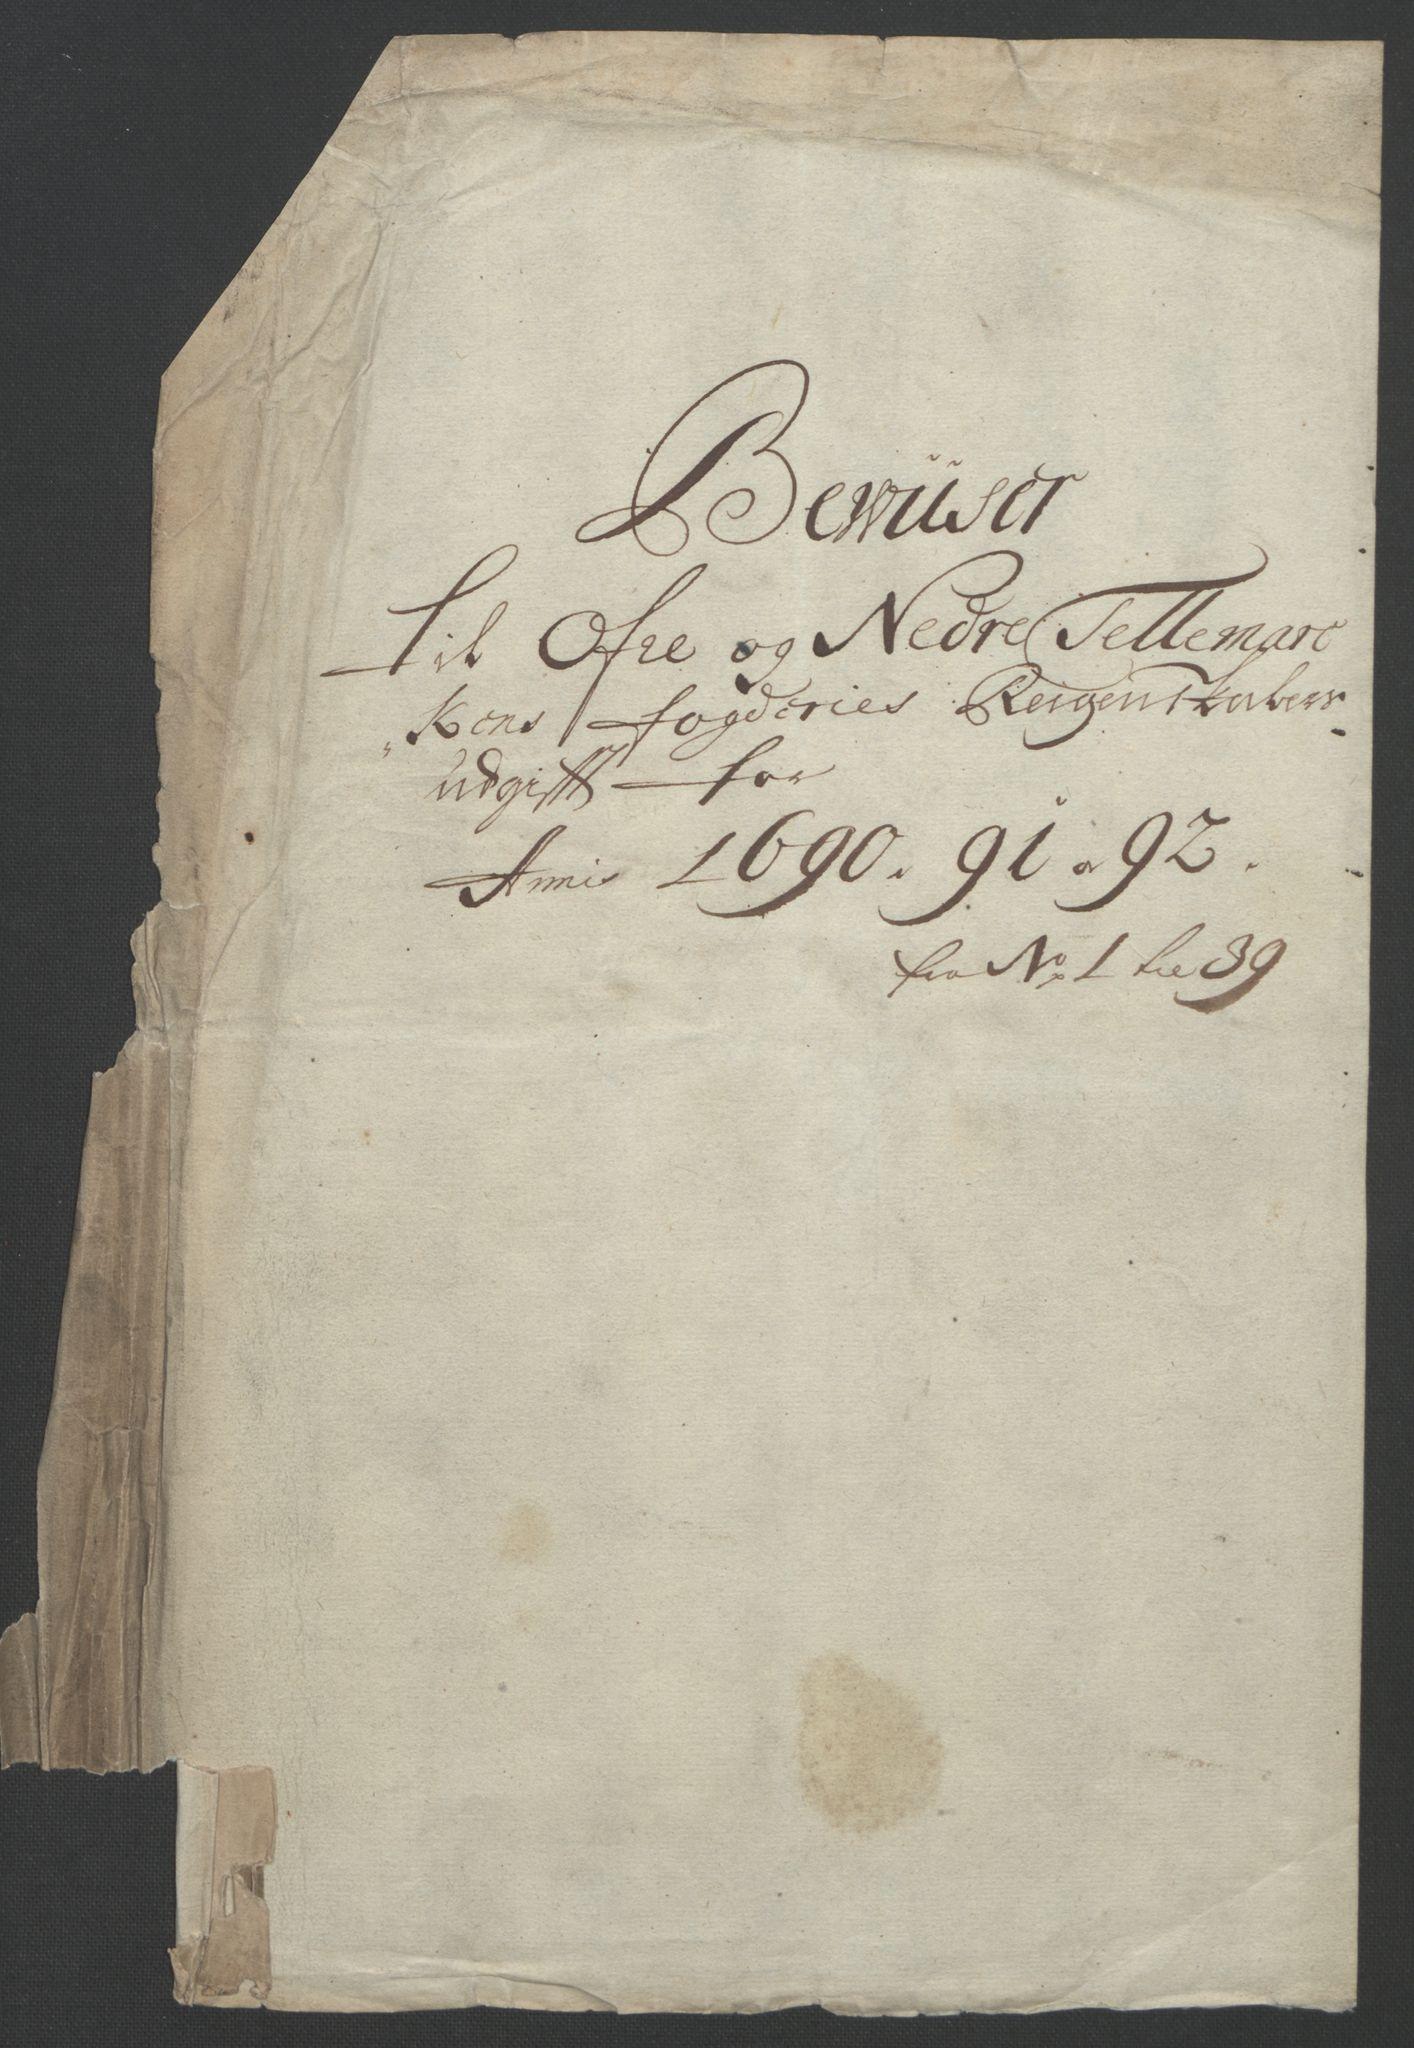 RA, Rentekammeret inntil 1814, Reviderte regnskaper, Fogderegnskap, R35/L2091: Fogderegnskap Øvre og Nedre Telemark, 1690-1693, s. 3